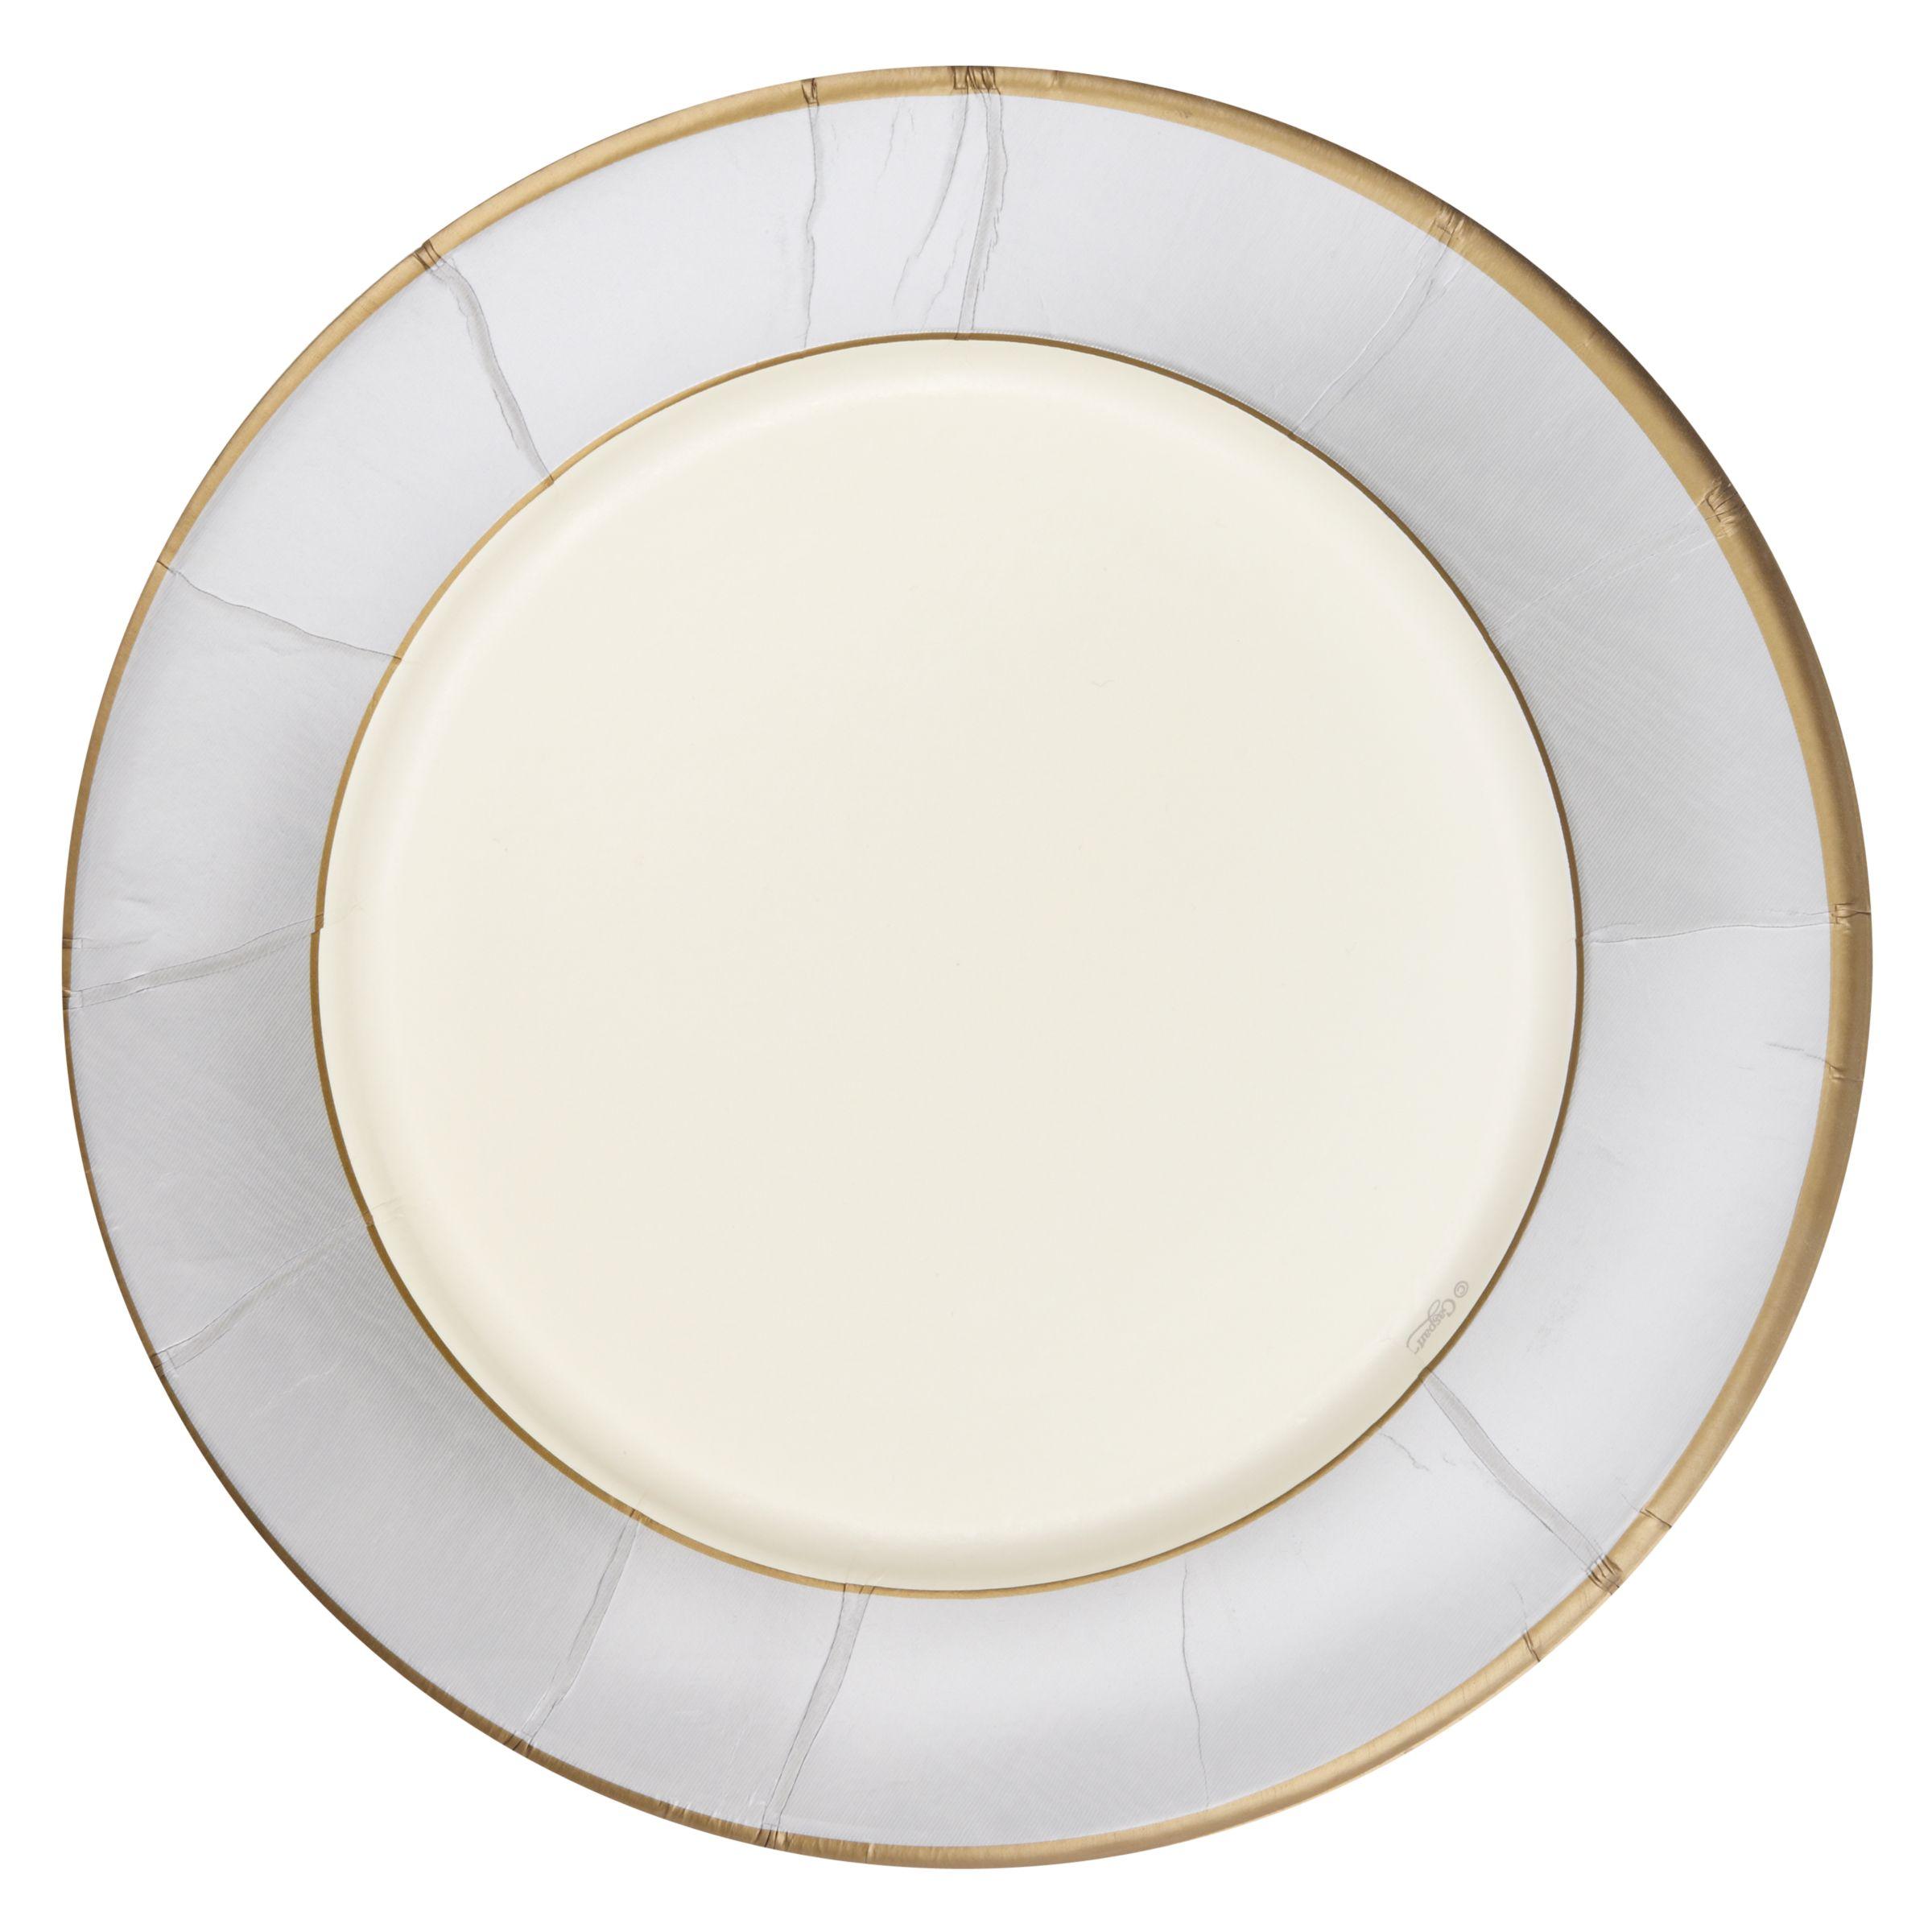 Caspari Caspari Paper Plates, Pack of 8